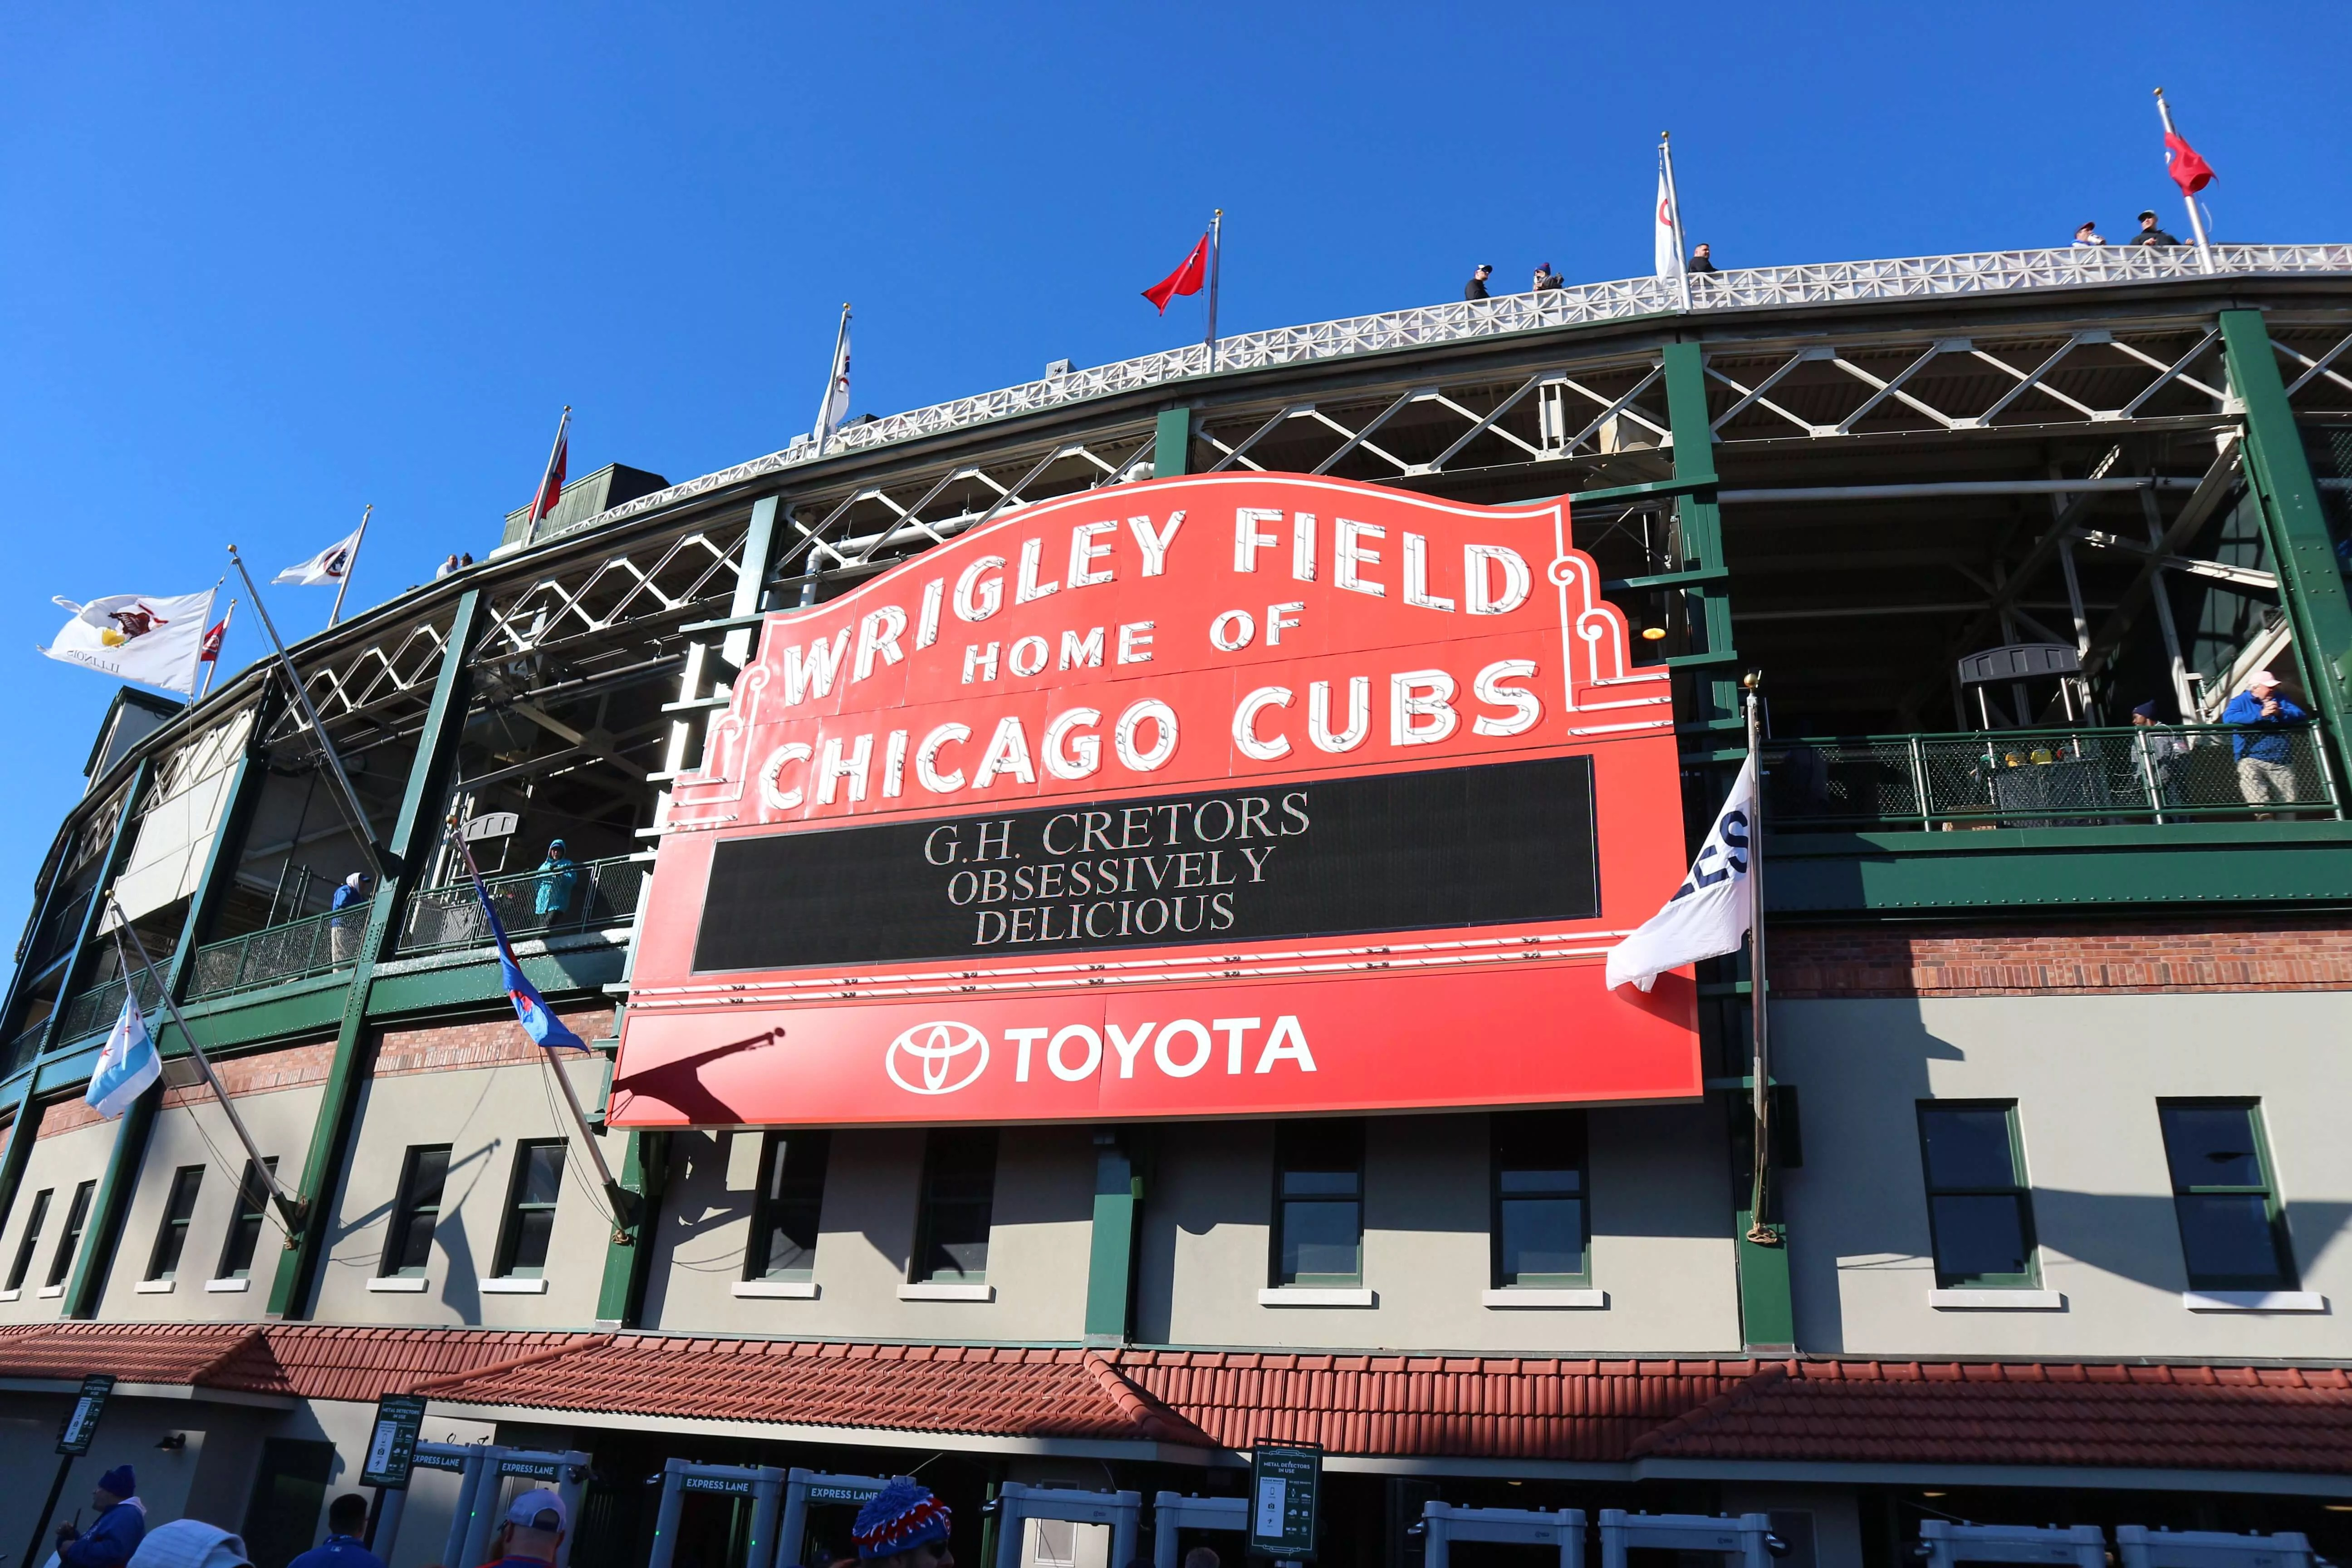 リグレーフィールドでのシカゴカブス戦観戦は最高だった!